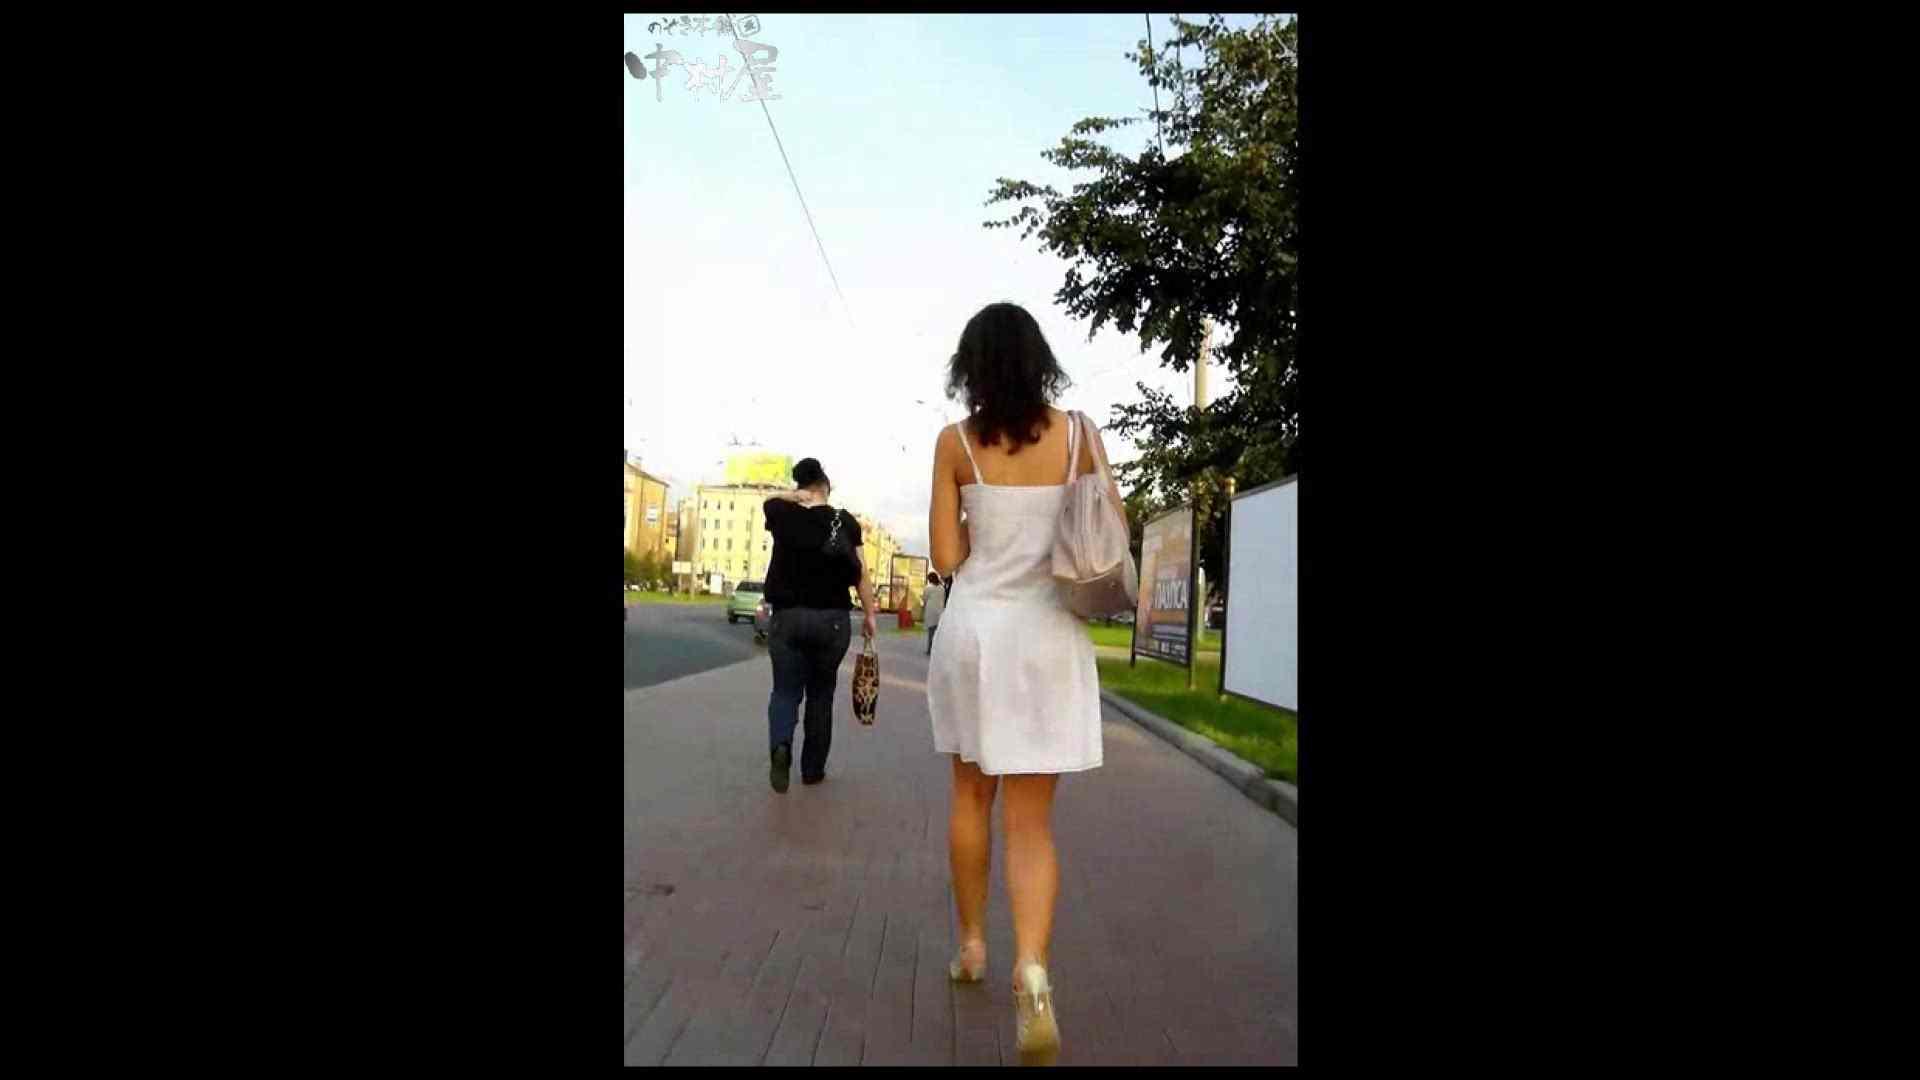 綺麗なモデルさんのスカート捲っちゃおう‼ vol29 お姉さんのエロ生活 ワレメ動画紹介 83連発 26